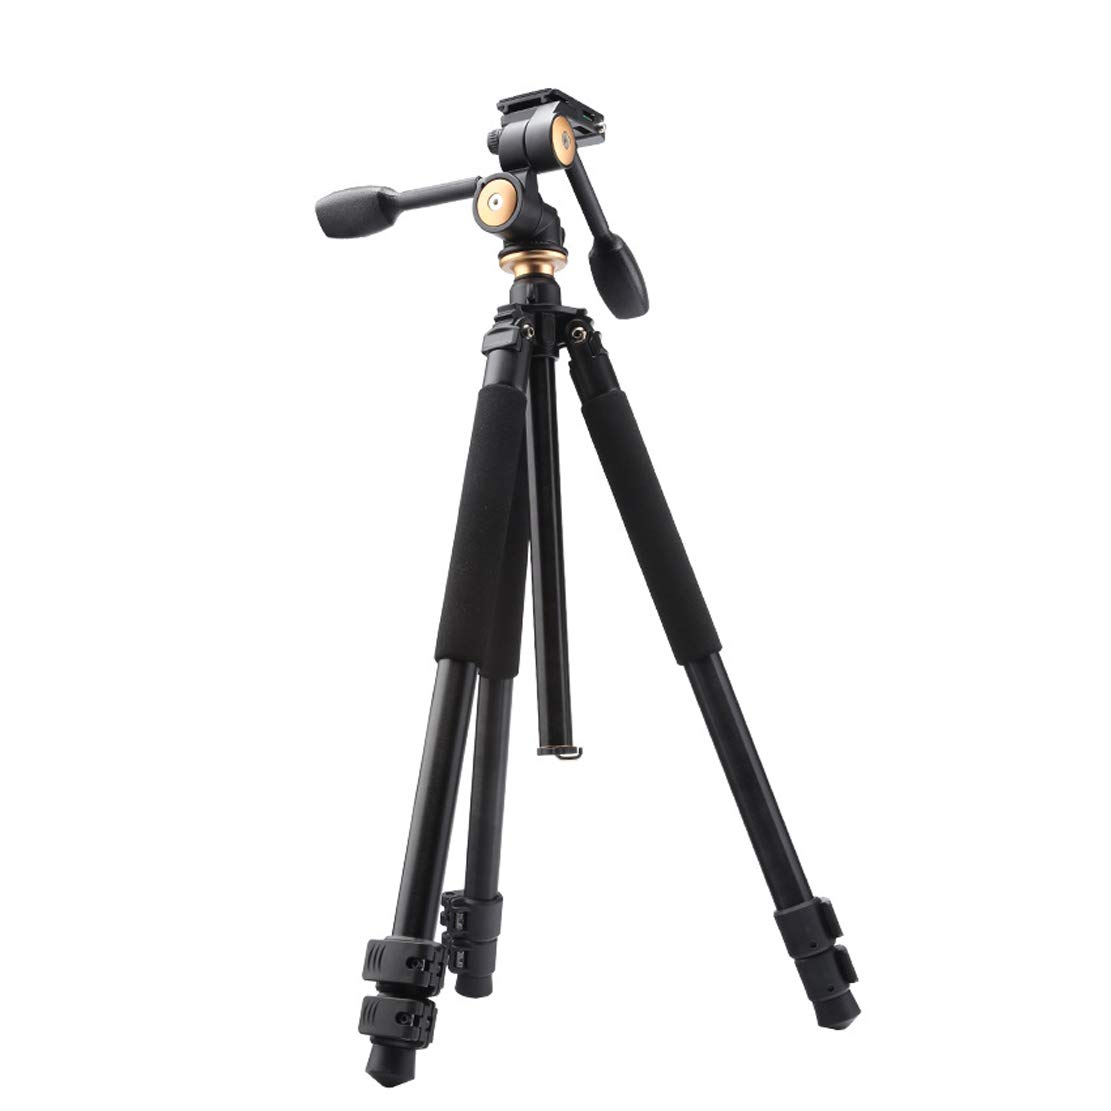 大割引 旅行 B07R5ZSP6H 三脚 旅行 高品質アルミ合金素材格納式高さ67-172 cmモデルに適応 DSR Slr cmモデルに適応 Nikon Canon Sonyその他のカメラ機器(推奨ベアリング310kgブラック) B07R5ZSP6H, 宝蔵ギフト:fde9d8b5 --- arianechie.dominiotemporario.com